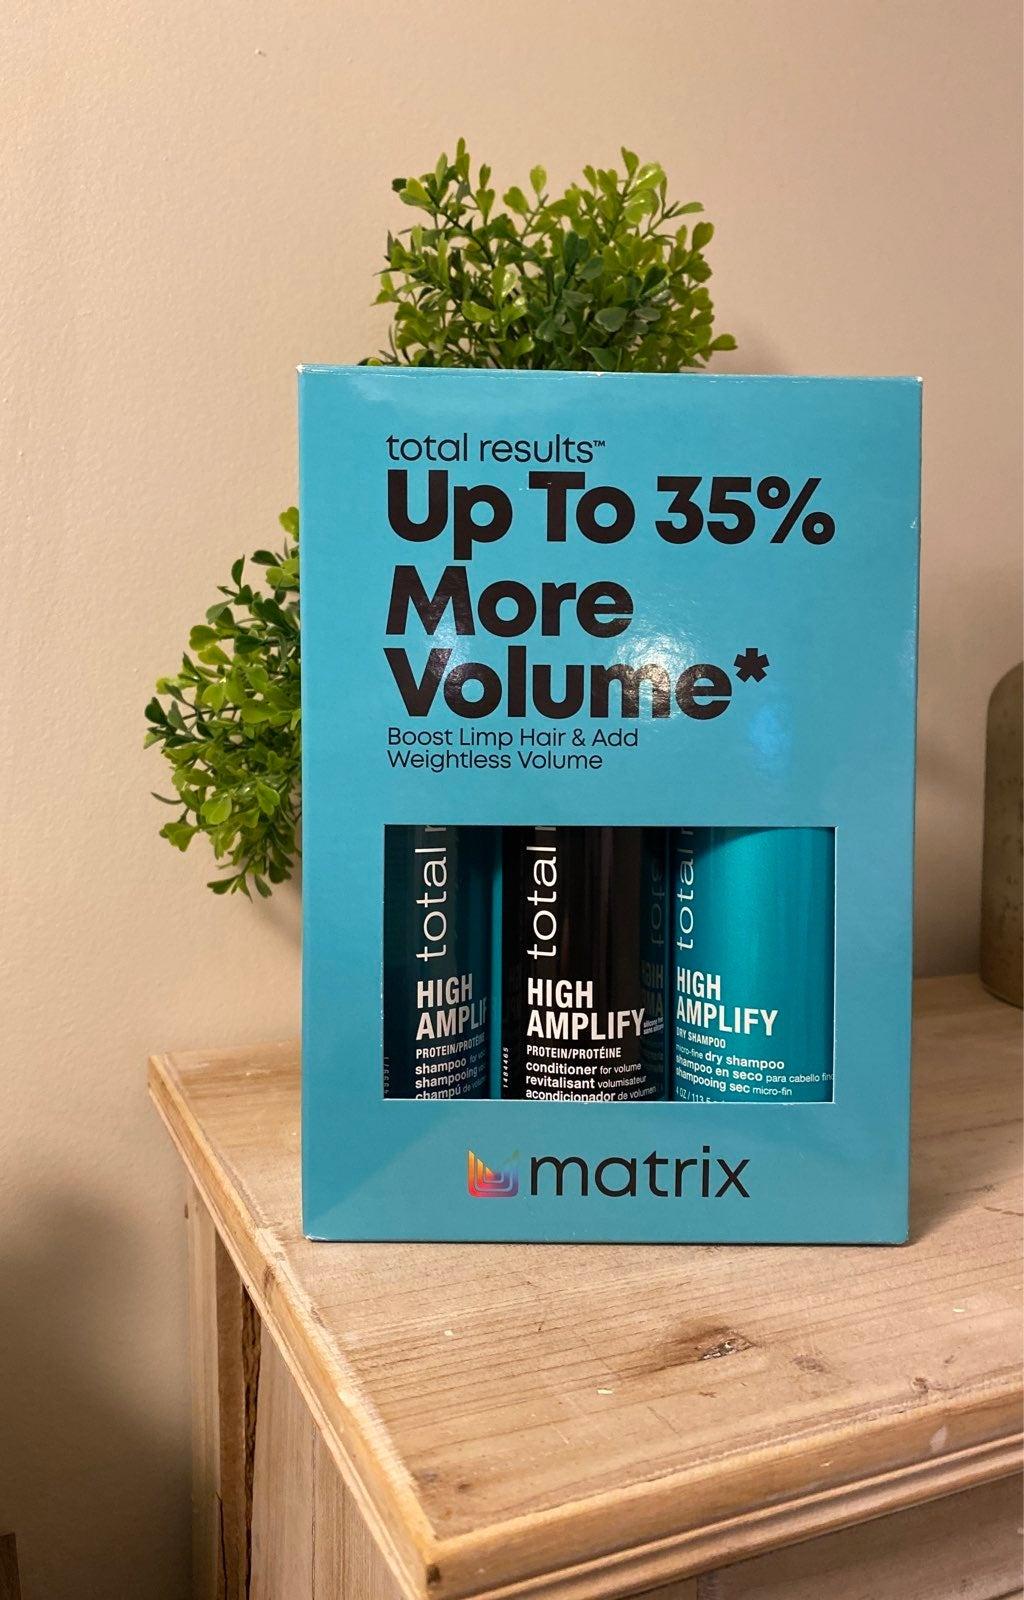 Matrix high amplify set